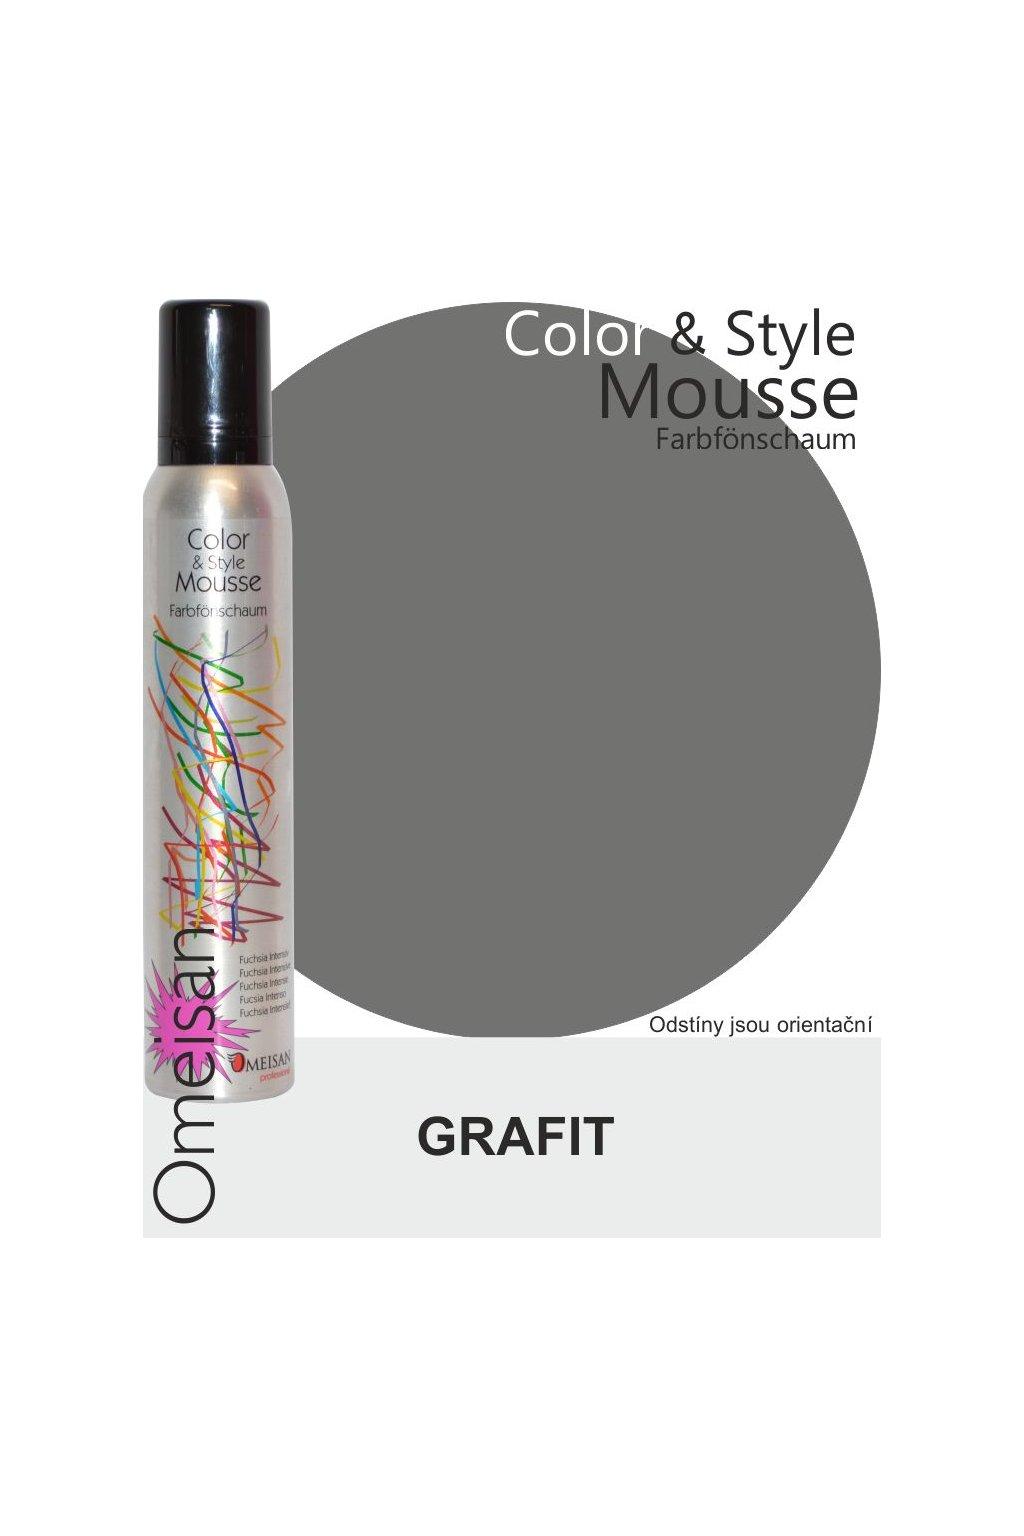 Omeisan Barevná pěna tužící Graphit 200ml Grafit